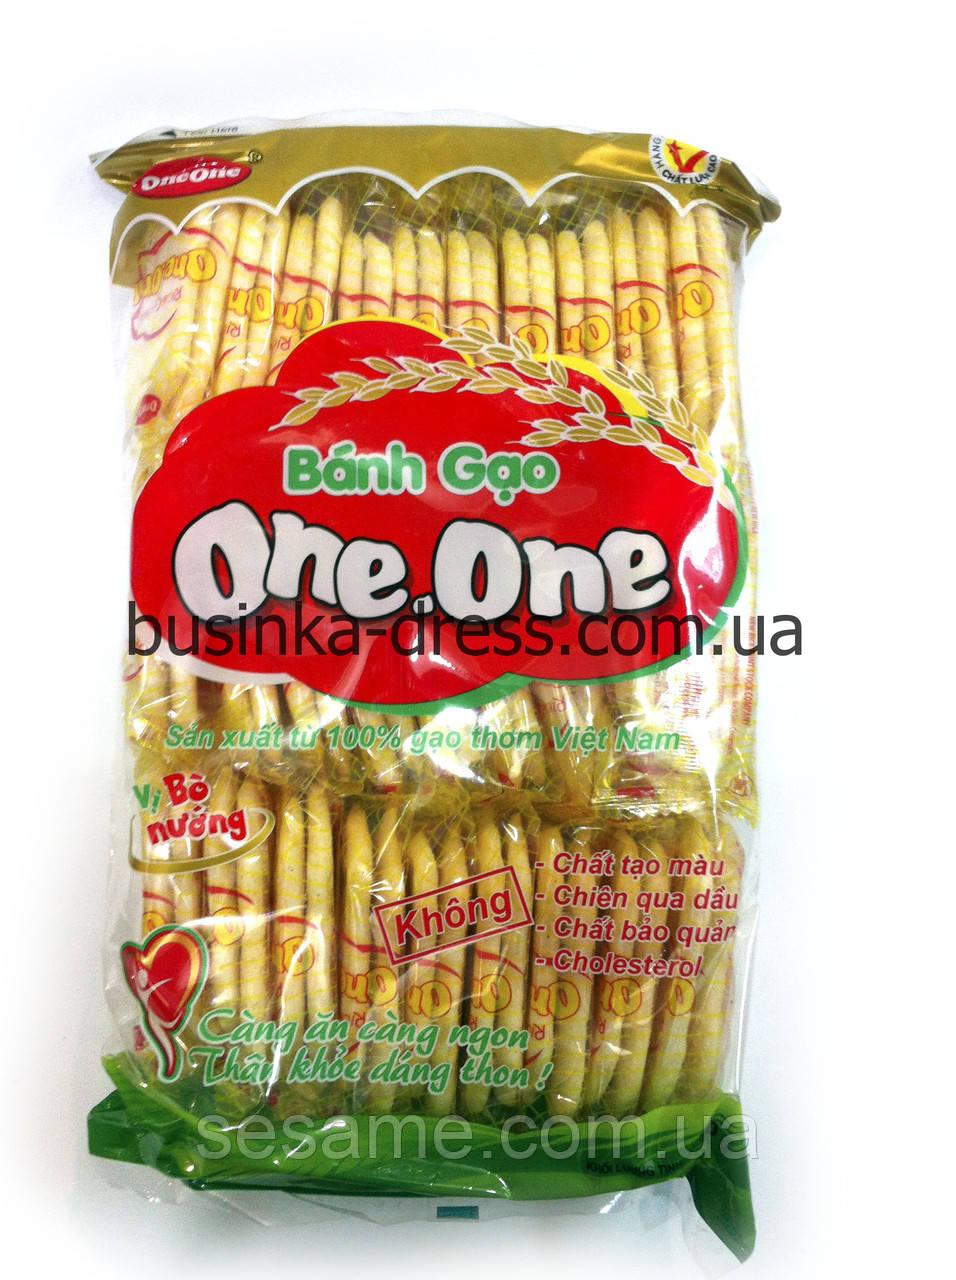 Рисовое печенье One-One (длинное), 150г. (Вьетнам)